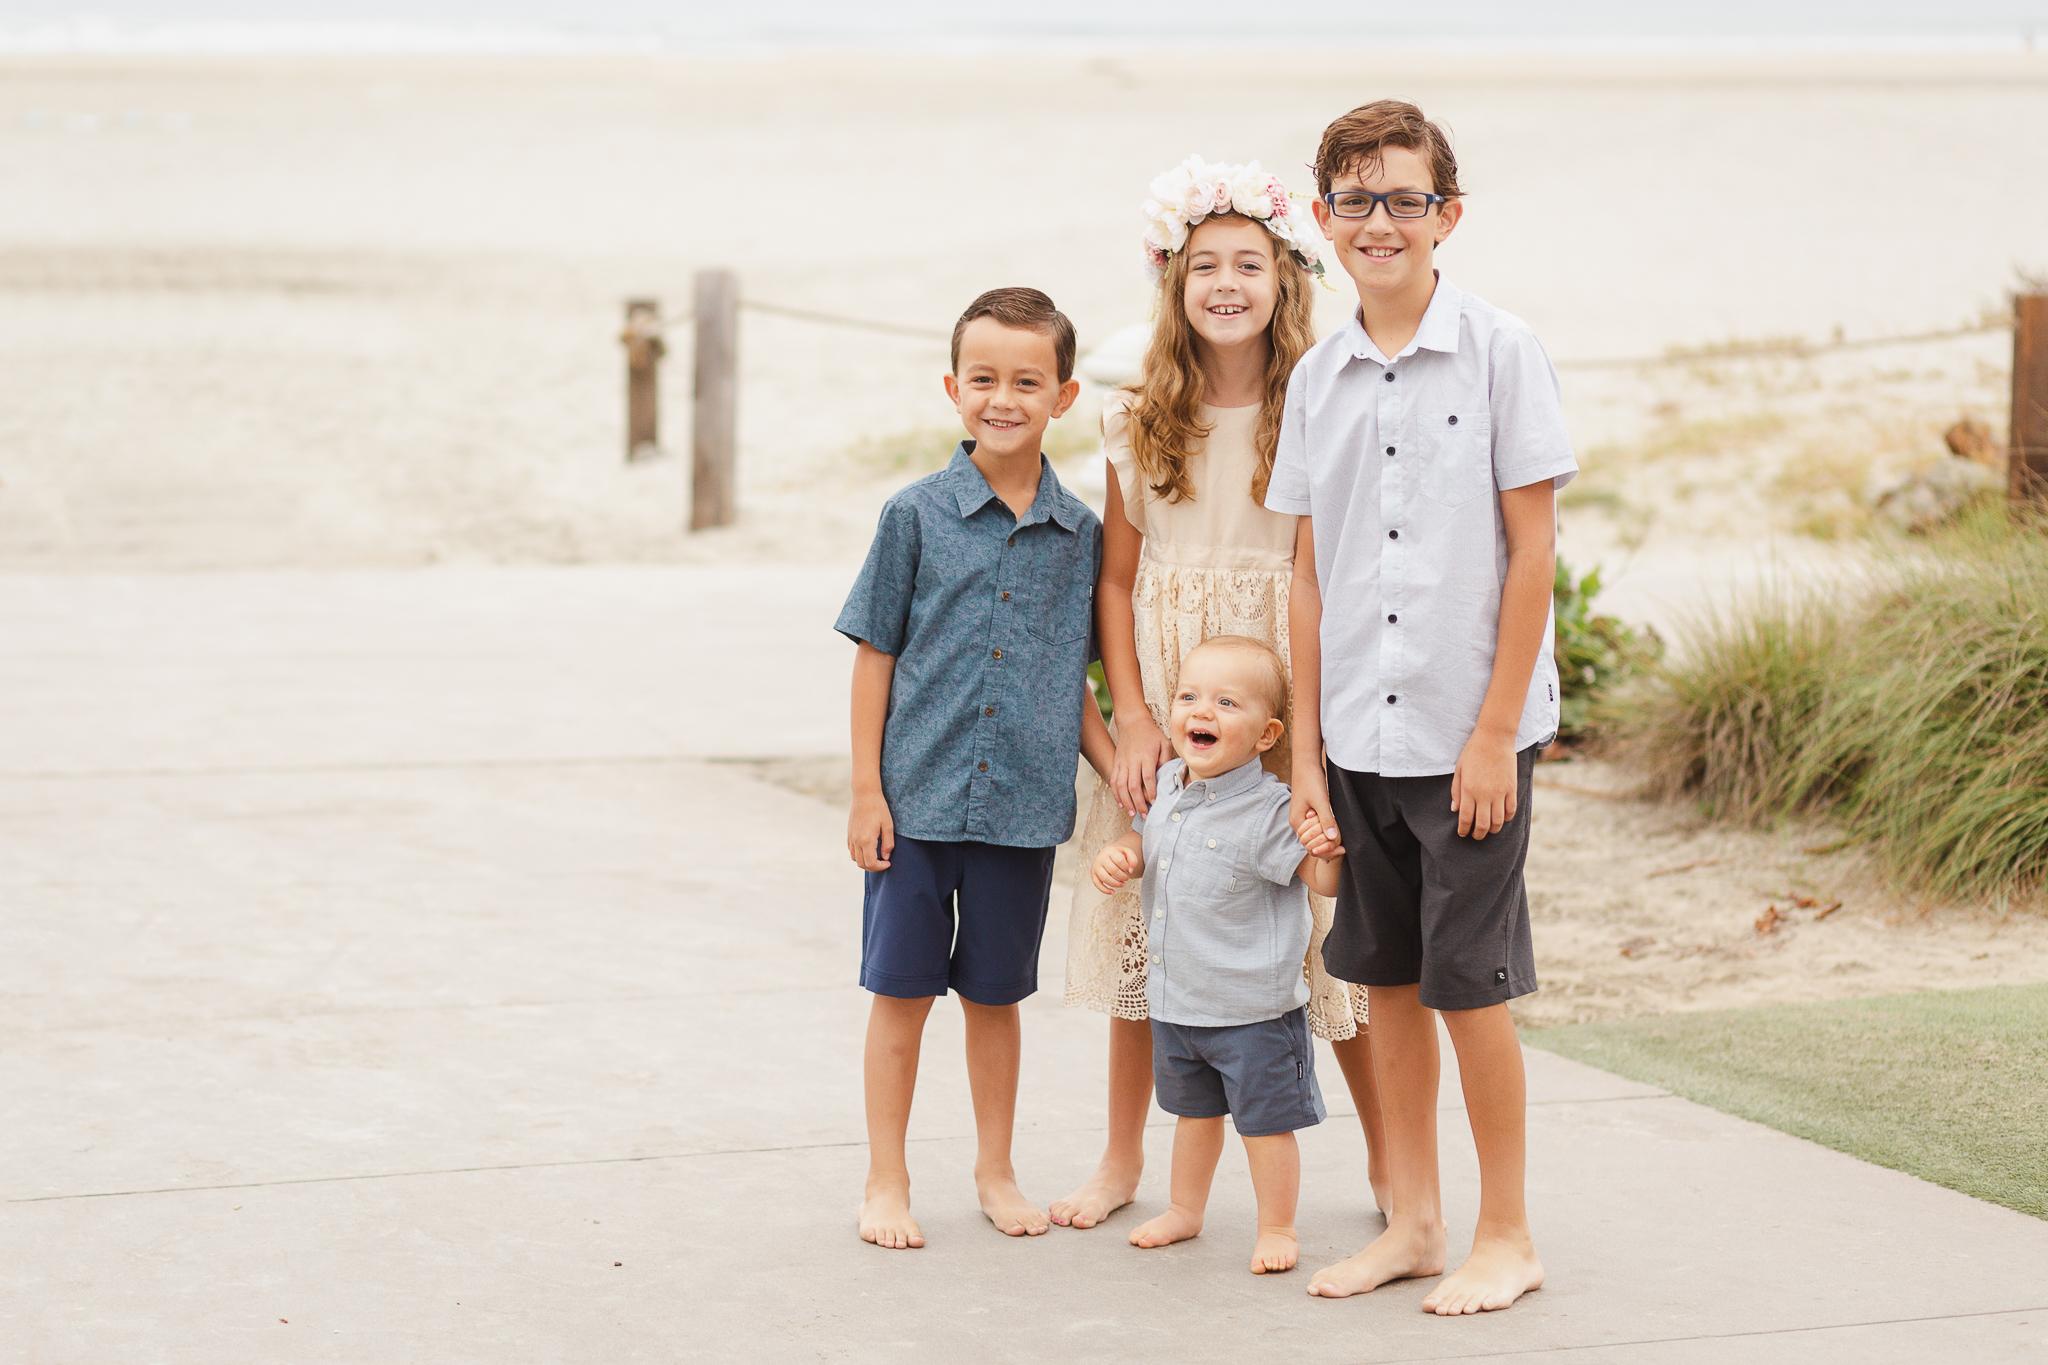 Coronado-Family-Photographer-Vacation-Photos-WS-2.jpg